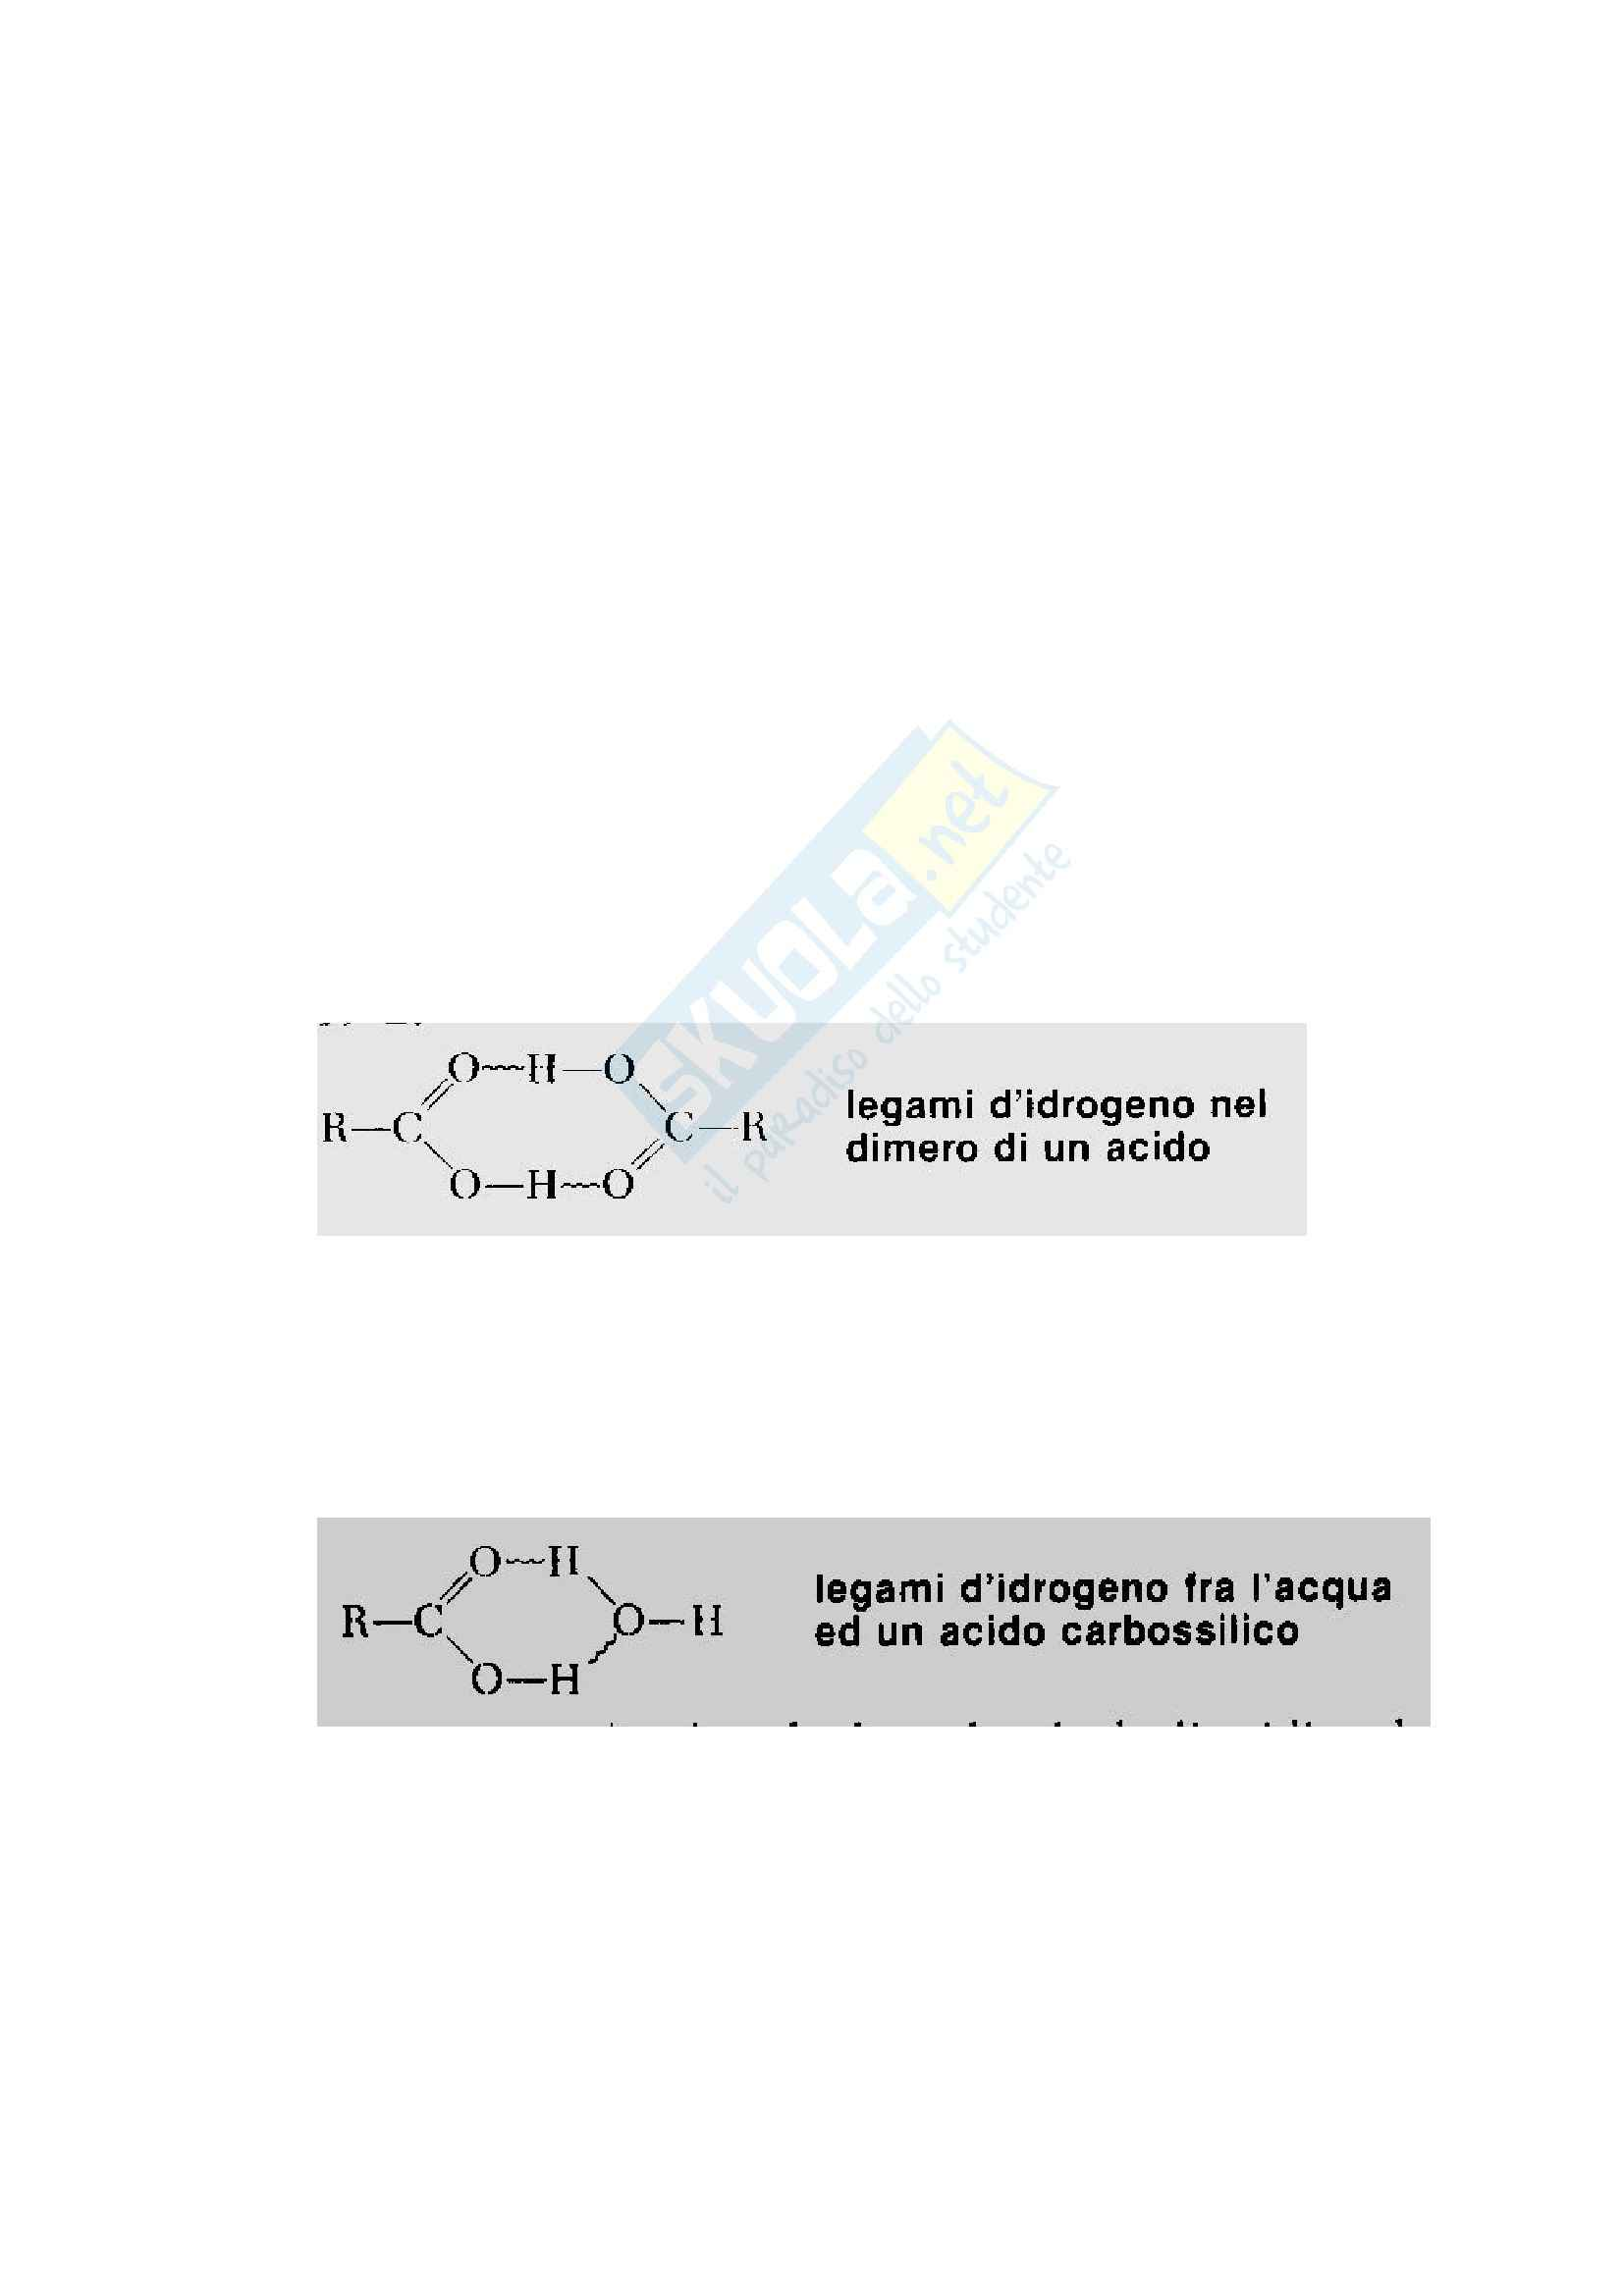 Basi chimiche dei sistemi biologici - composti carbossilici